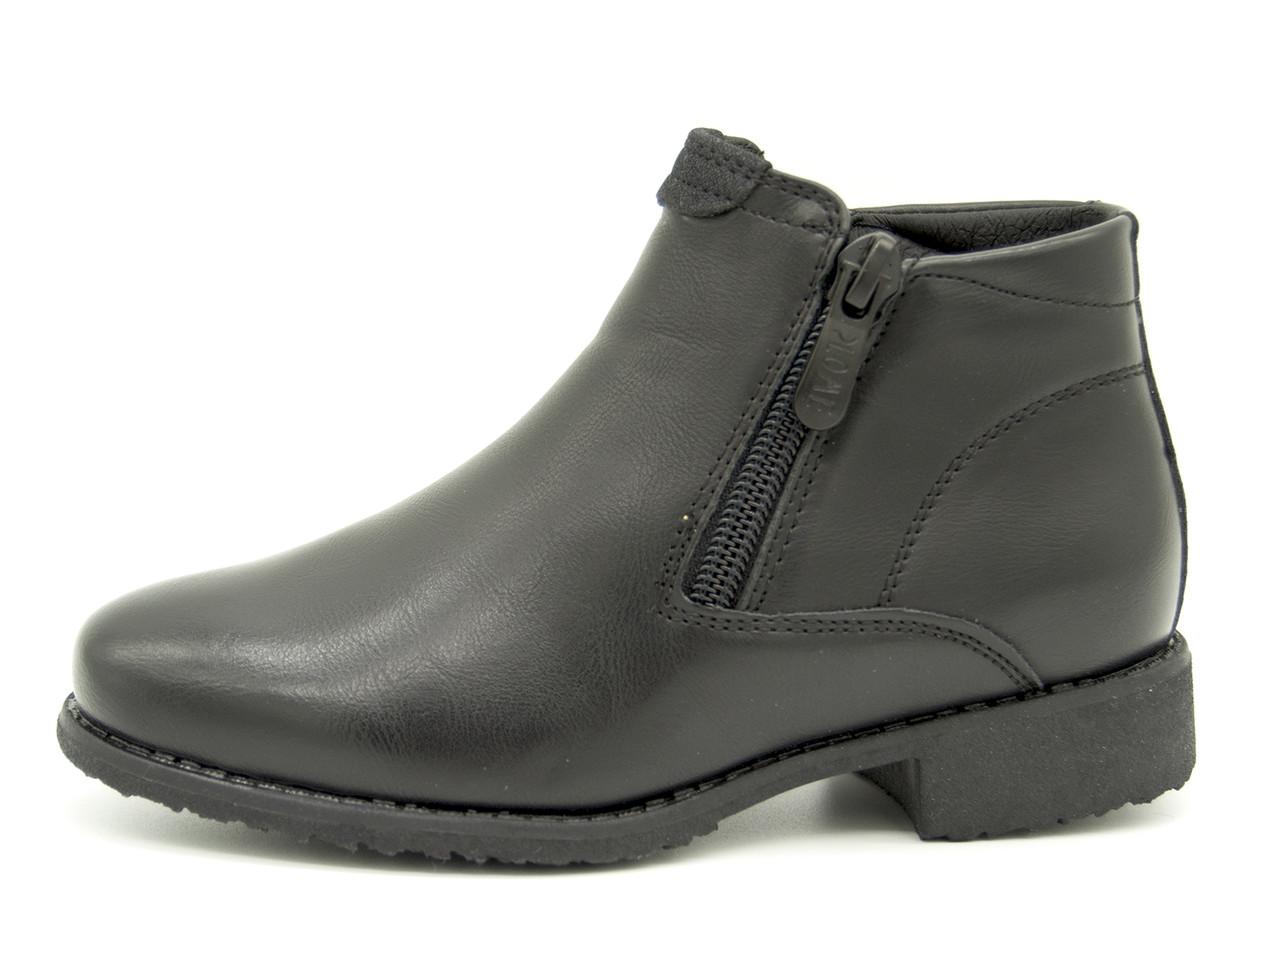 Демисезонные ботинки для мальчика Cолнце Размеры: 26,28,29